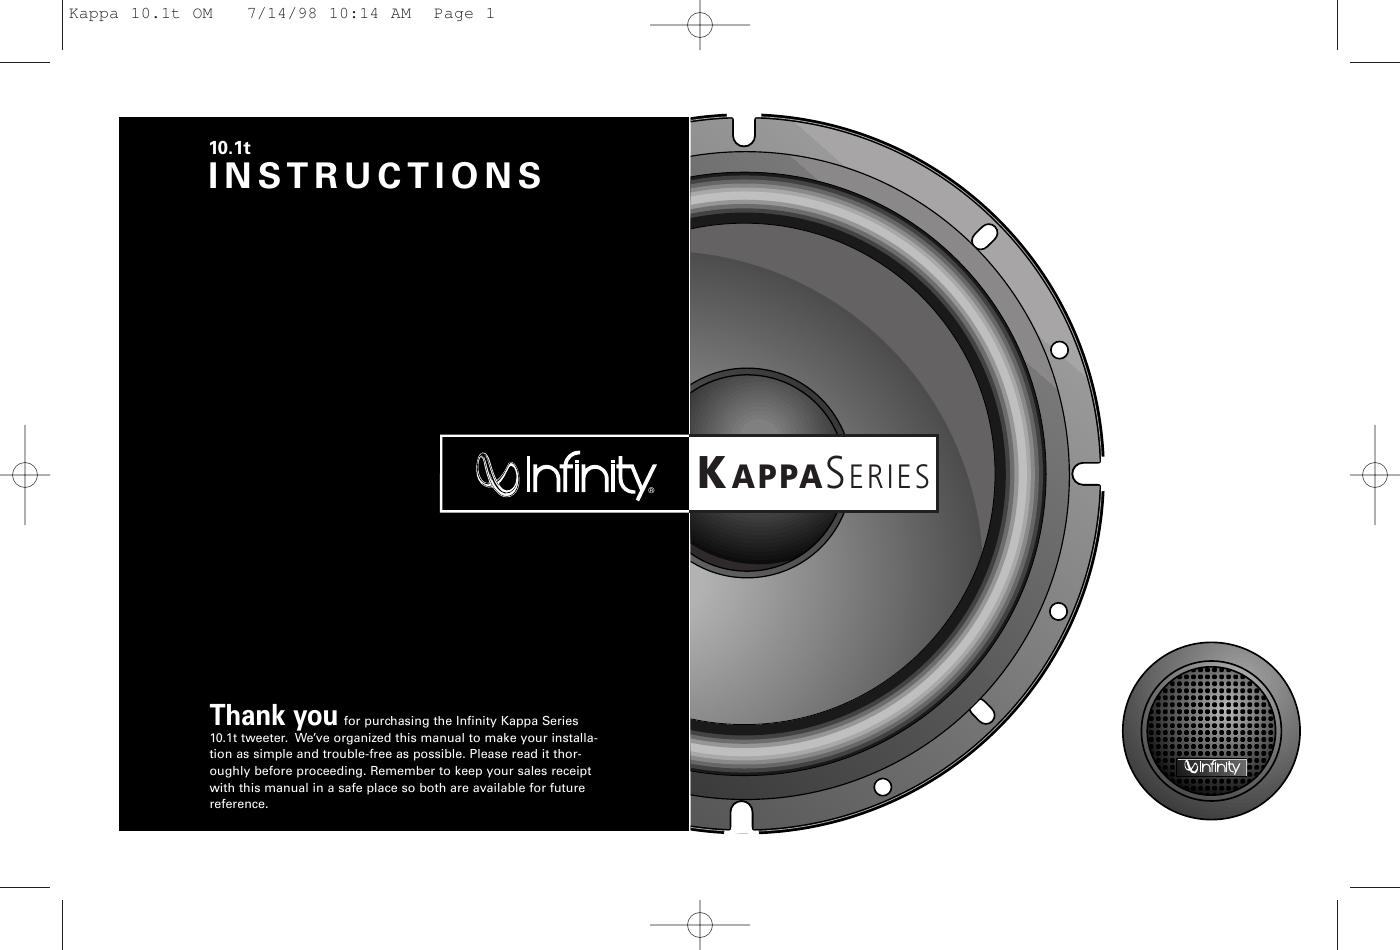 kupować nowe niezawodna jakość konkurencyjna cena Infinity 10 1T Tweeter Kappa Series Users Manual 10.1t OM